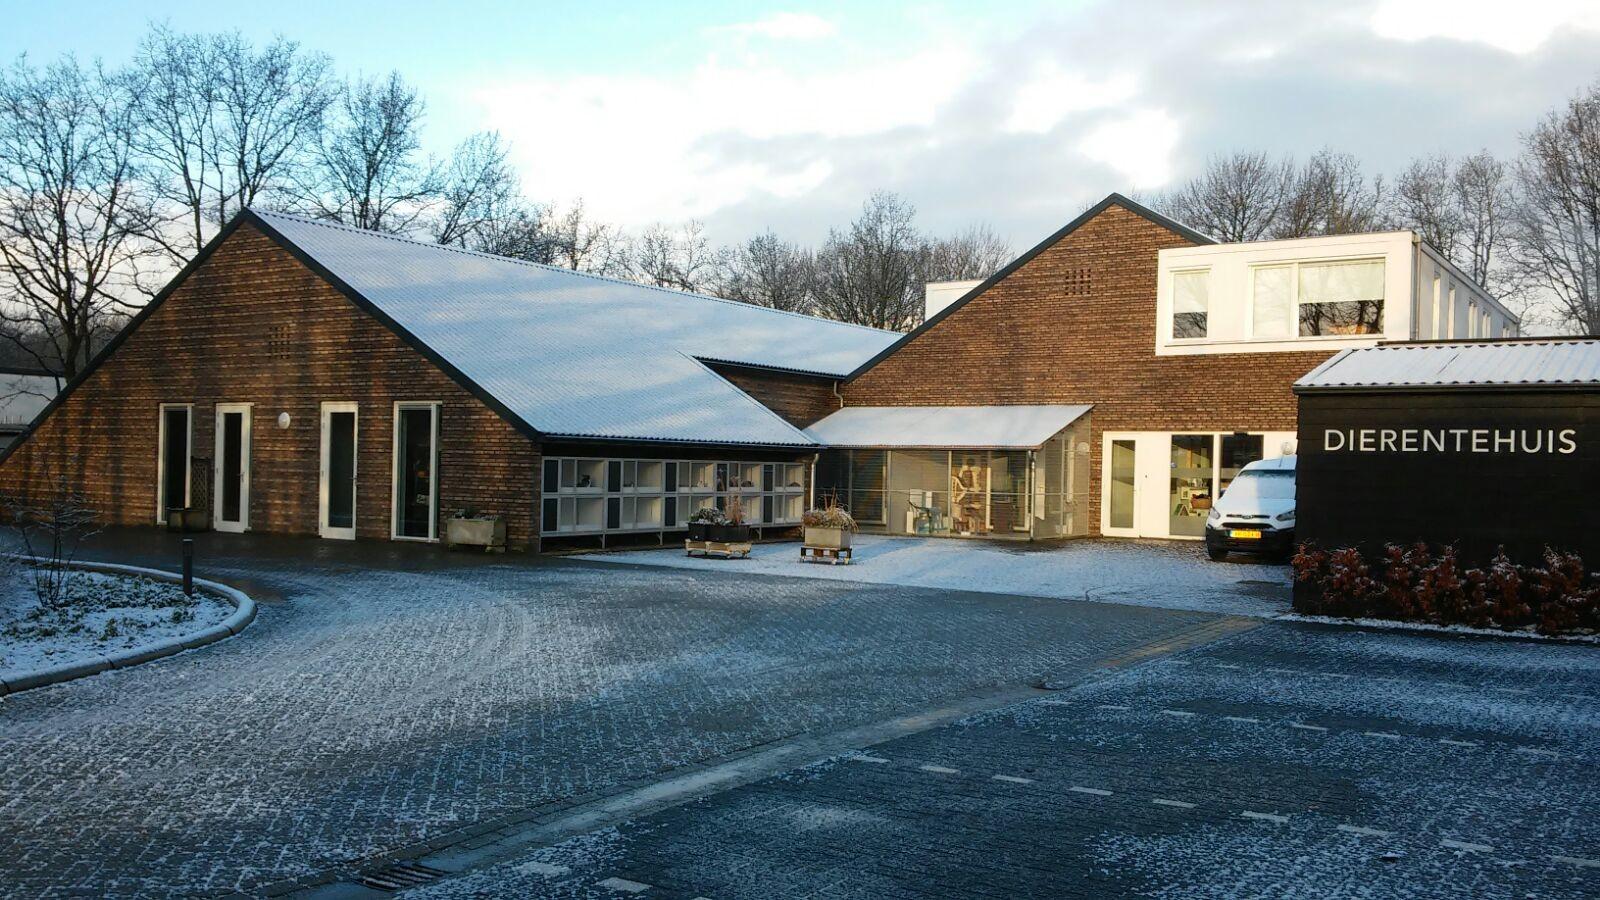 Het gebouw van Dierentehuis Stevenshage in de winter.